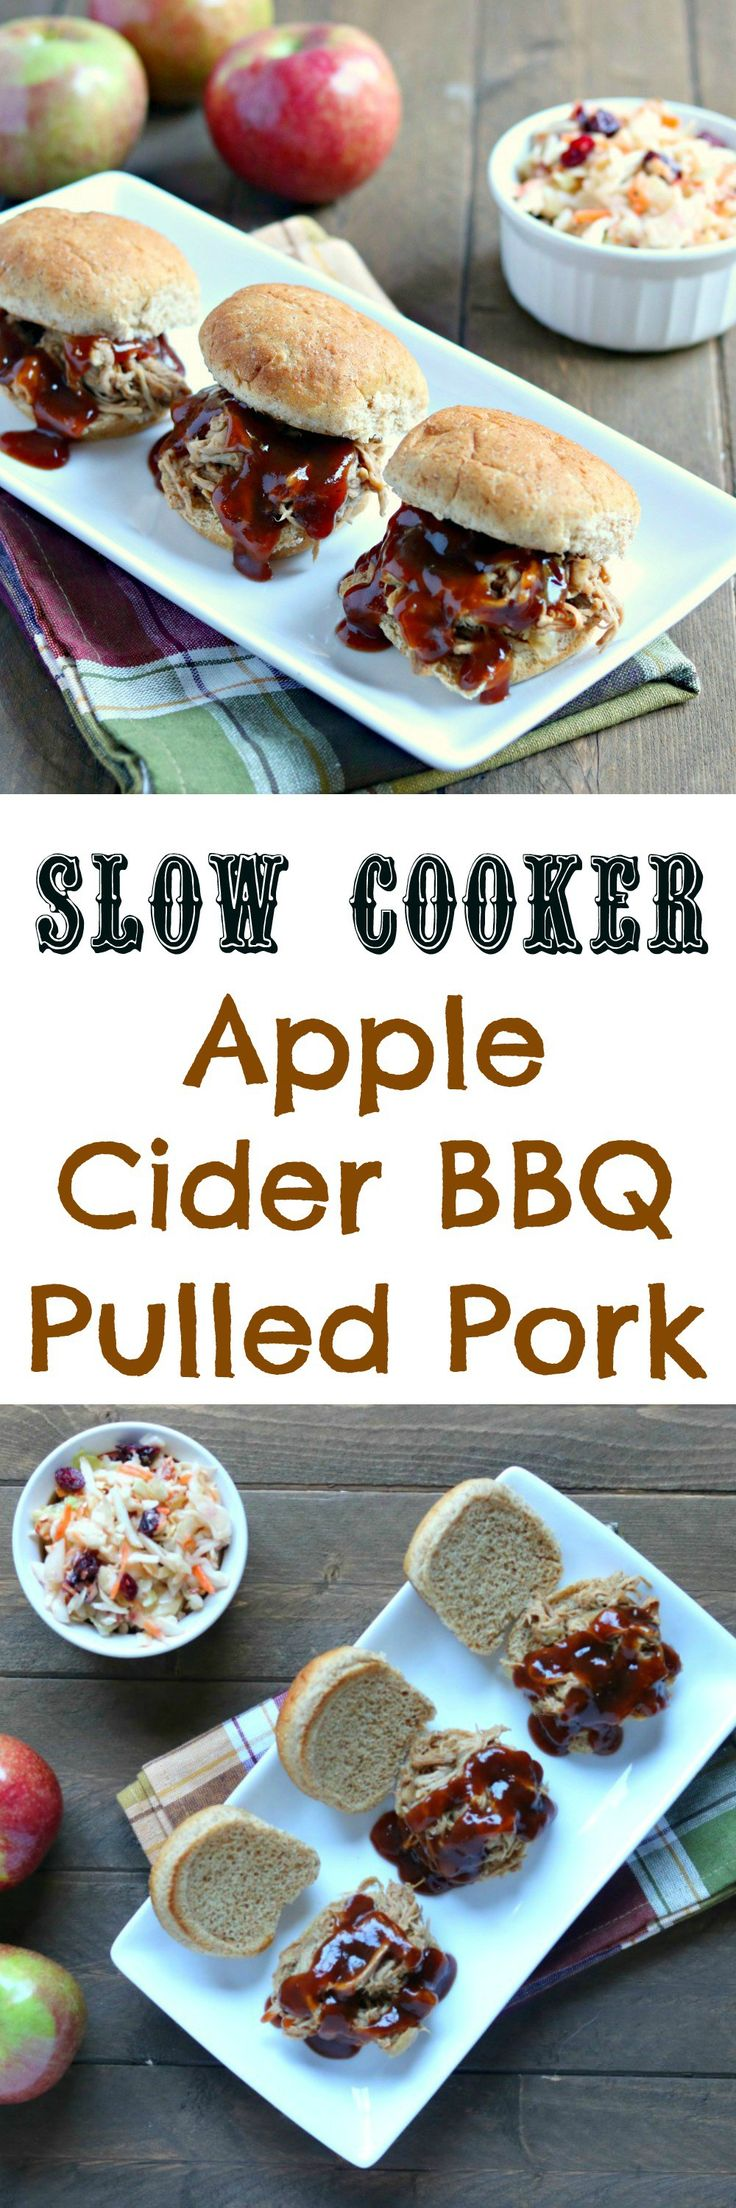 slow-cooker-apple-cider-pulled-pork #sponsored